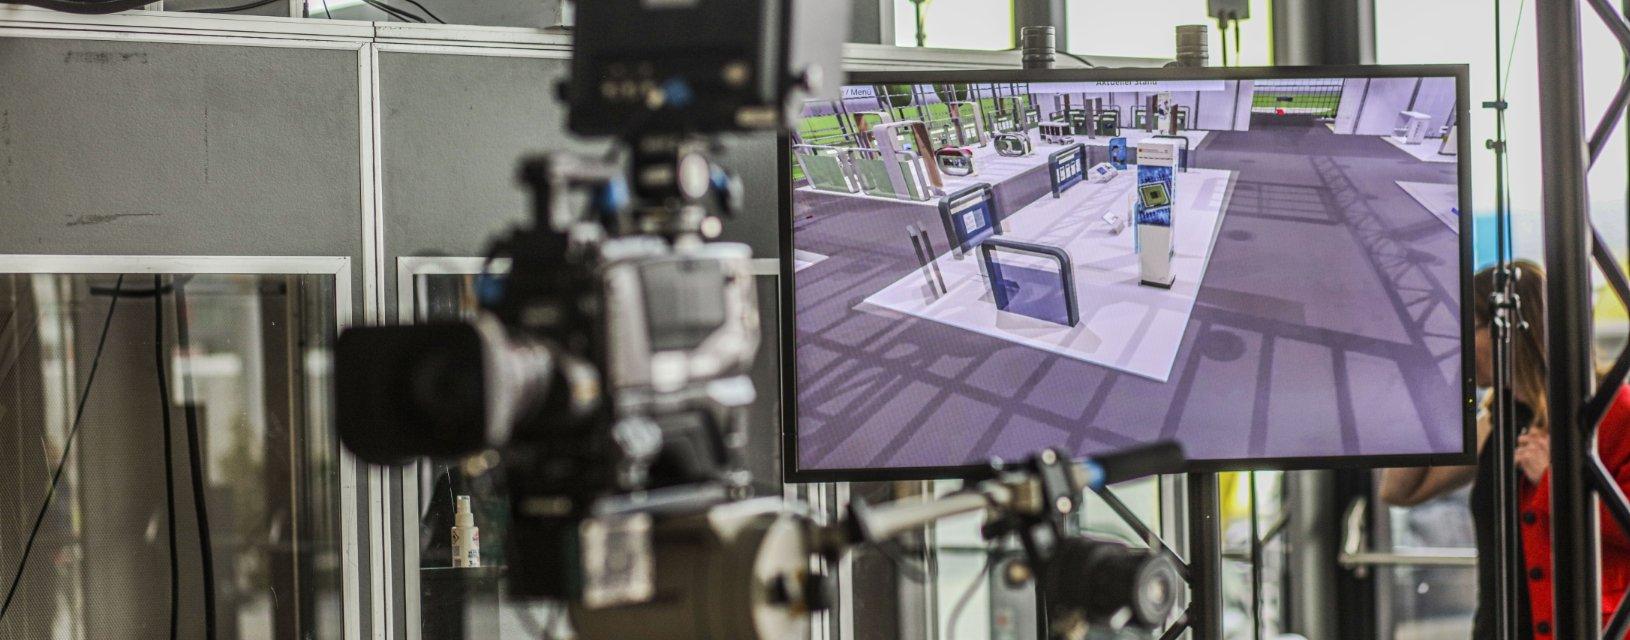 Event Agentur - Streaming für digitale Messen in Full-HD